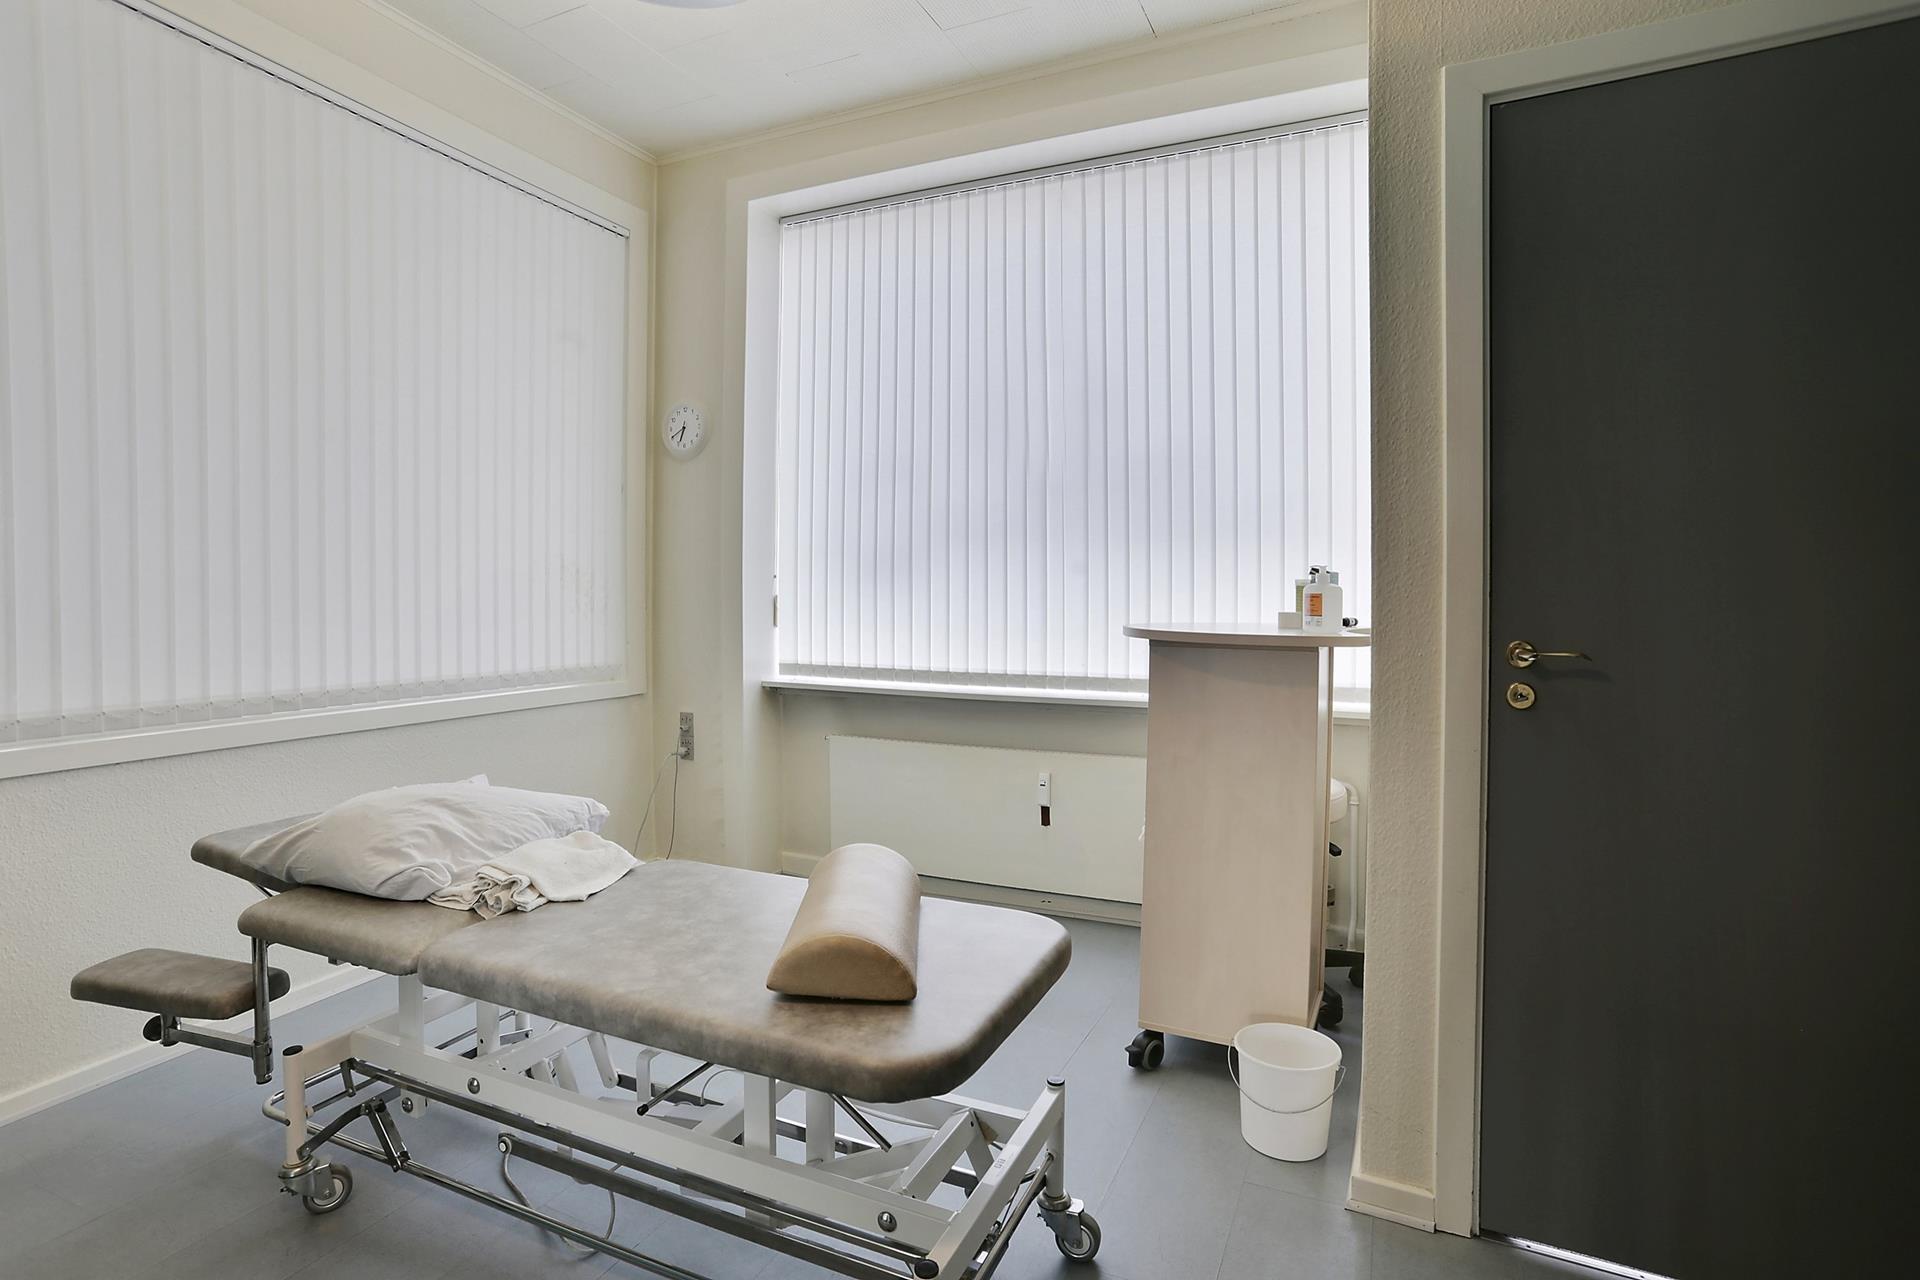 Bolig/erhverv på Nørregade i Haderslev - Klinik